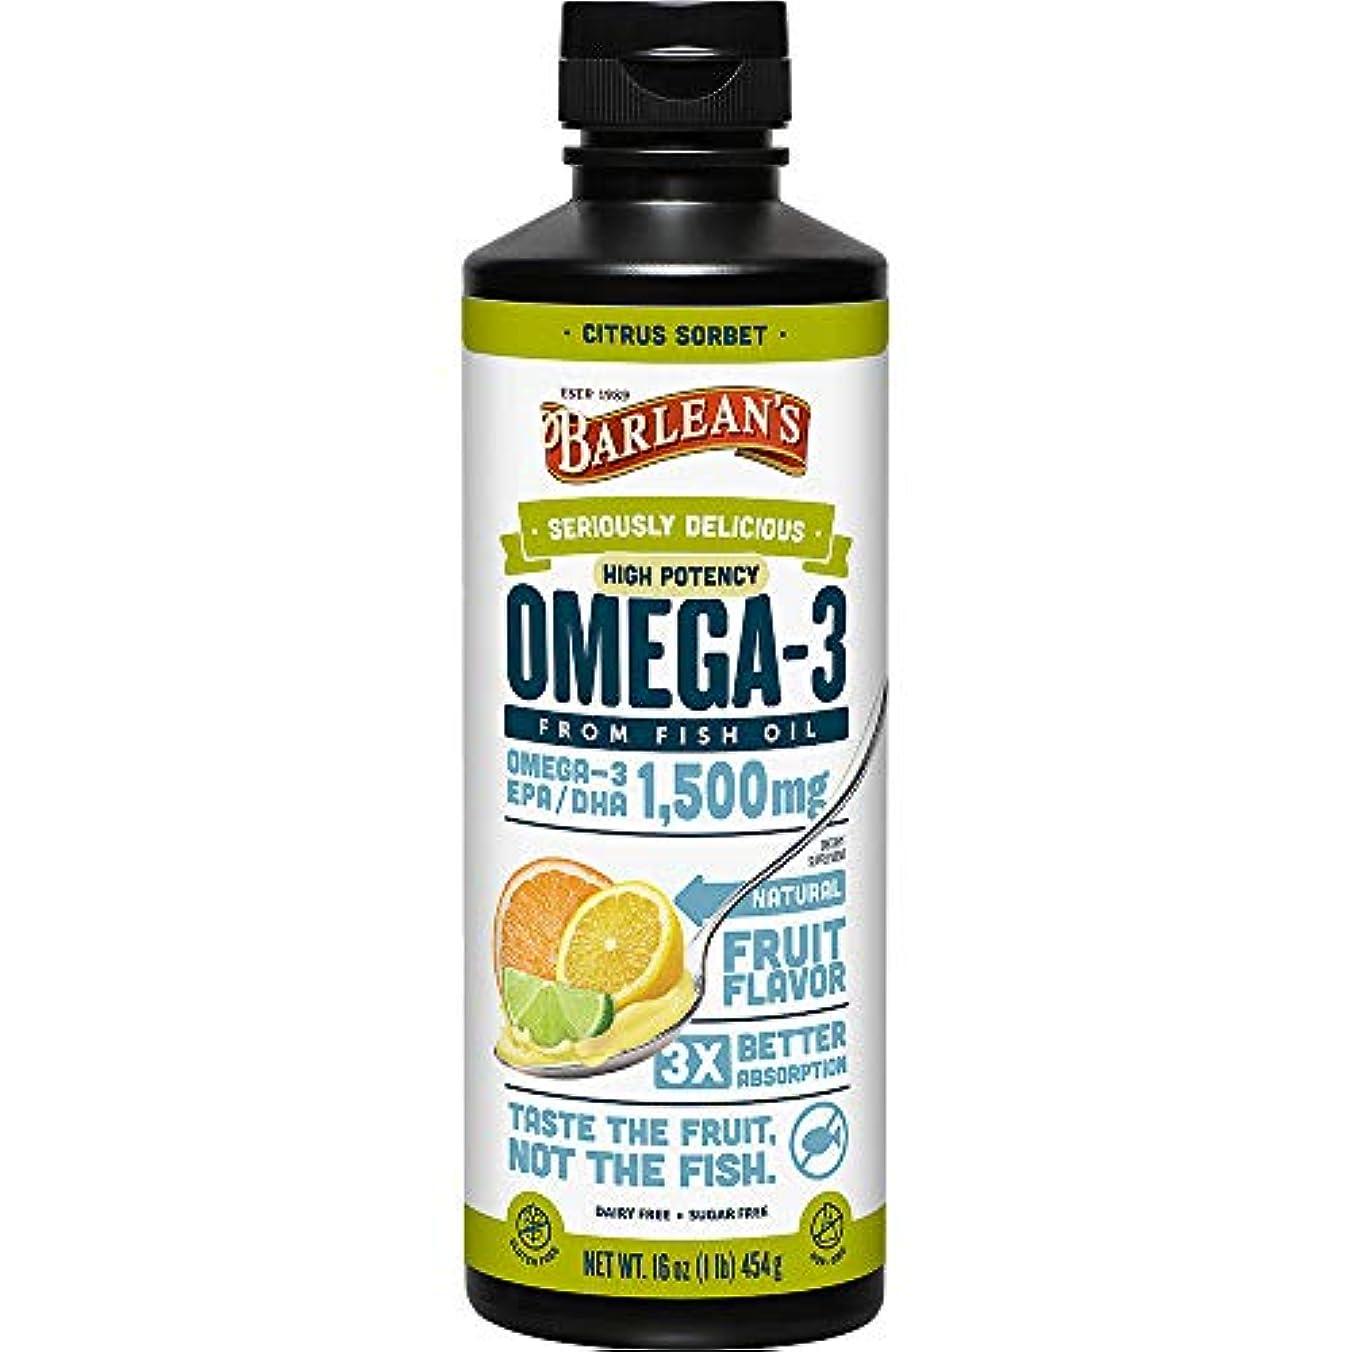 百年対象ラケットOmega Swirl, Ultra High Potency Fish Oil, Citrus Sorbet - Barlean's - UK Seller by Barlean's